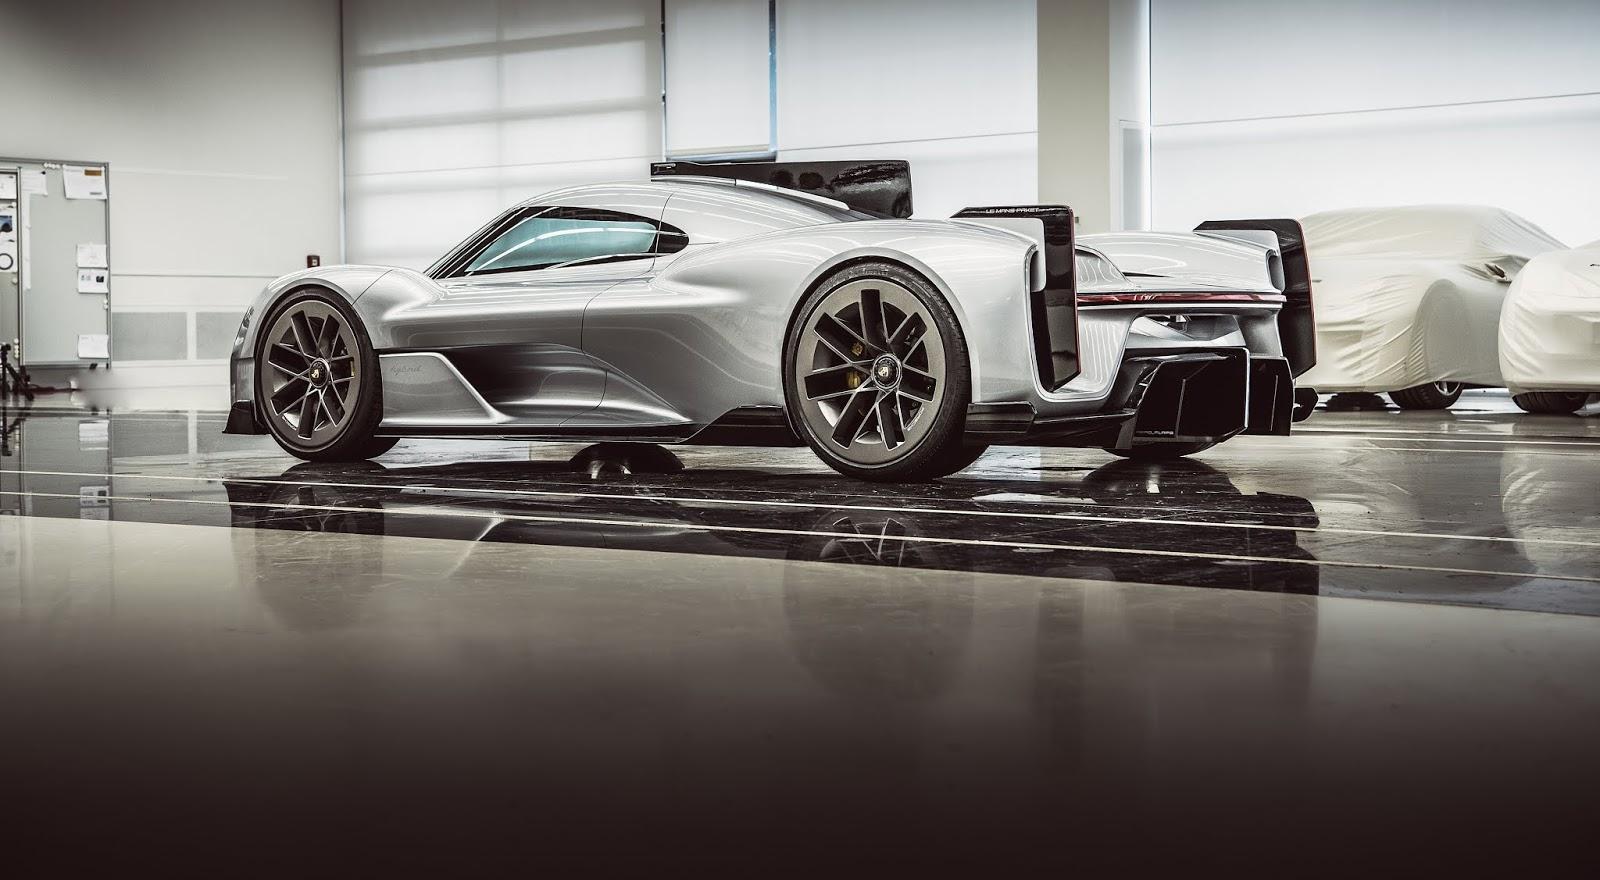 CUR7452 1 Τα άγνωστα Hypercars της Porsche hypercar, Porsche, Porsche Unseen, Sunday, supercar, supercars, zblog, ειδήσεις